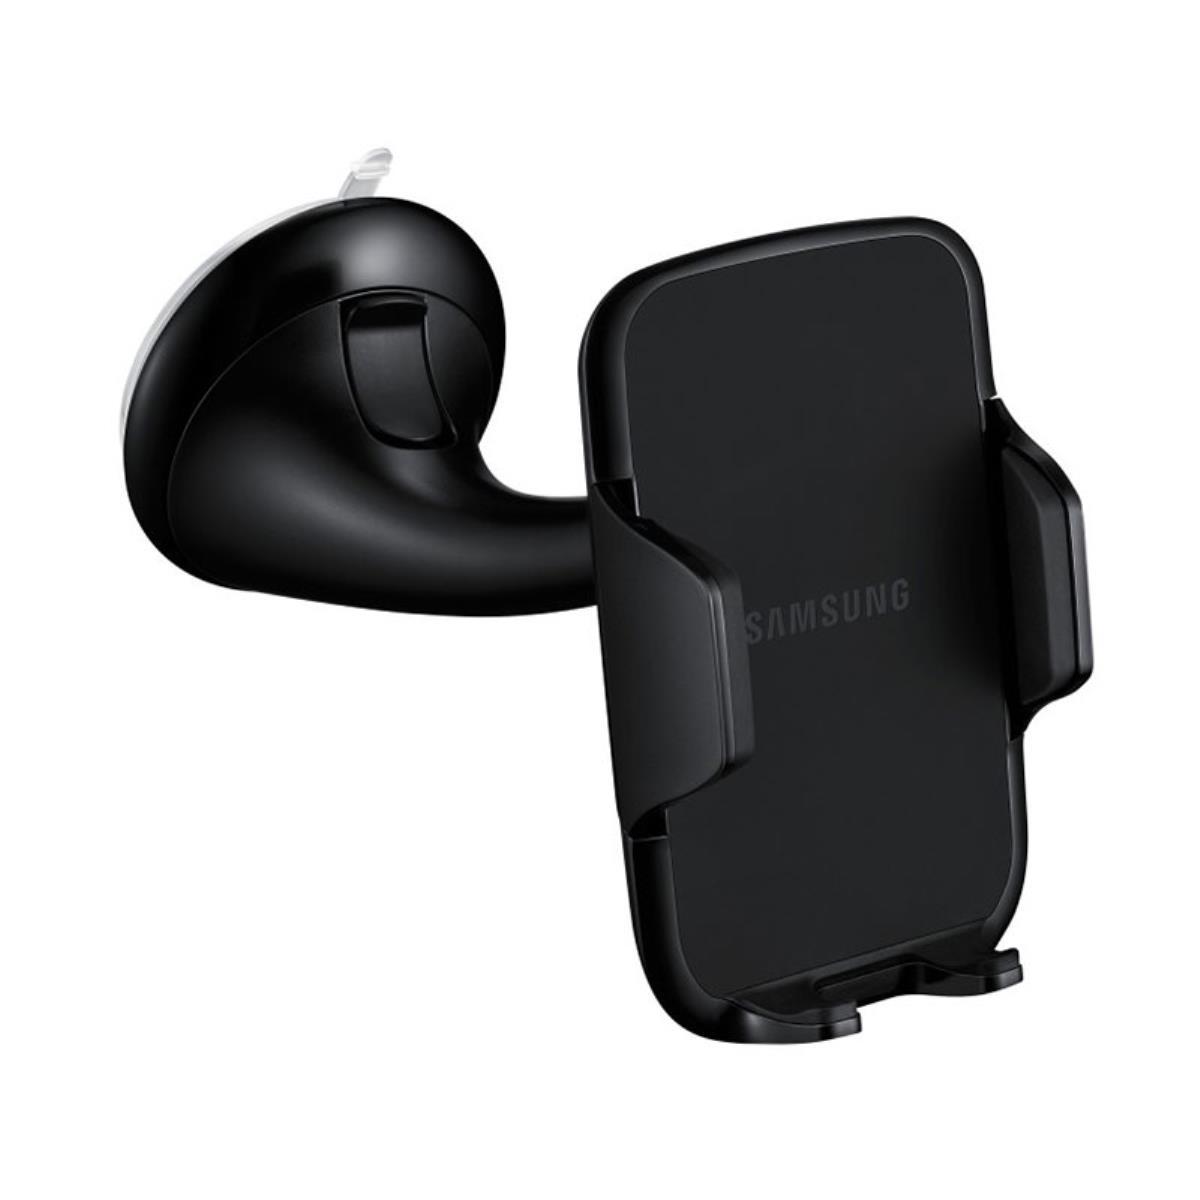 2624d2baee3 Compre online Soporte de Teléfono Móvil para Coche Samsung 4'' a 5.5''  (EE-V200SA)